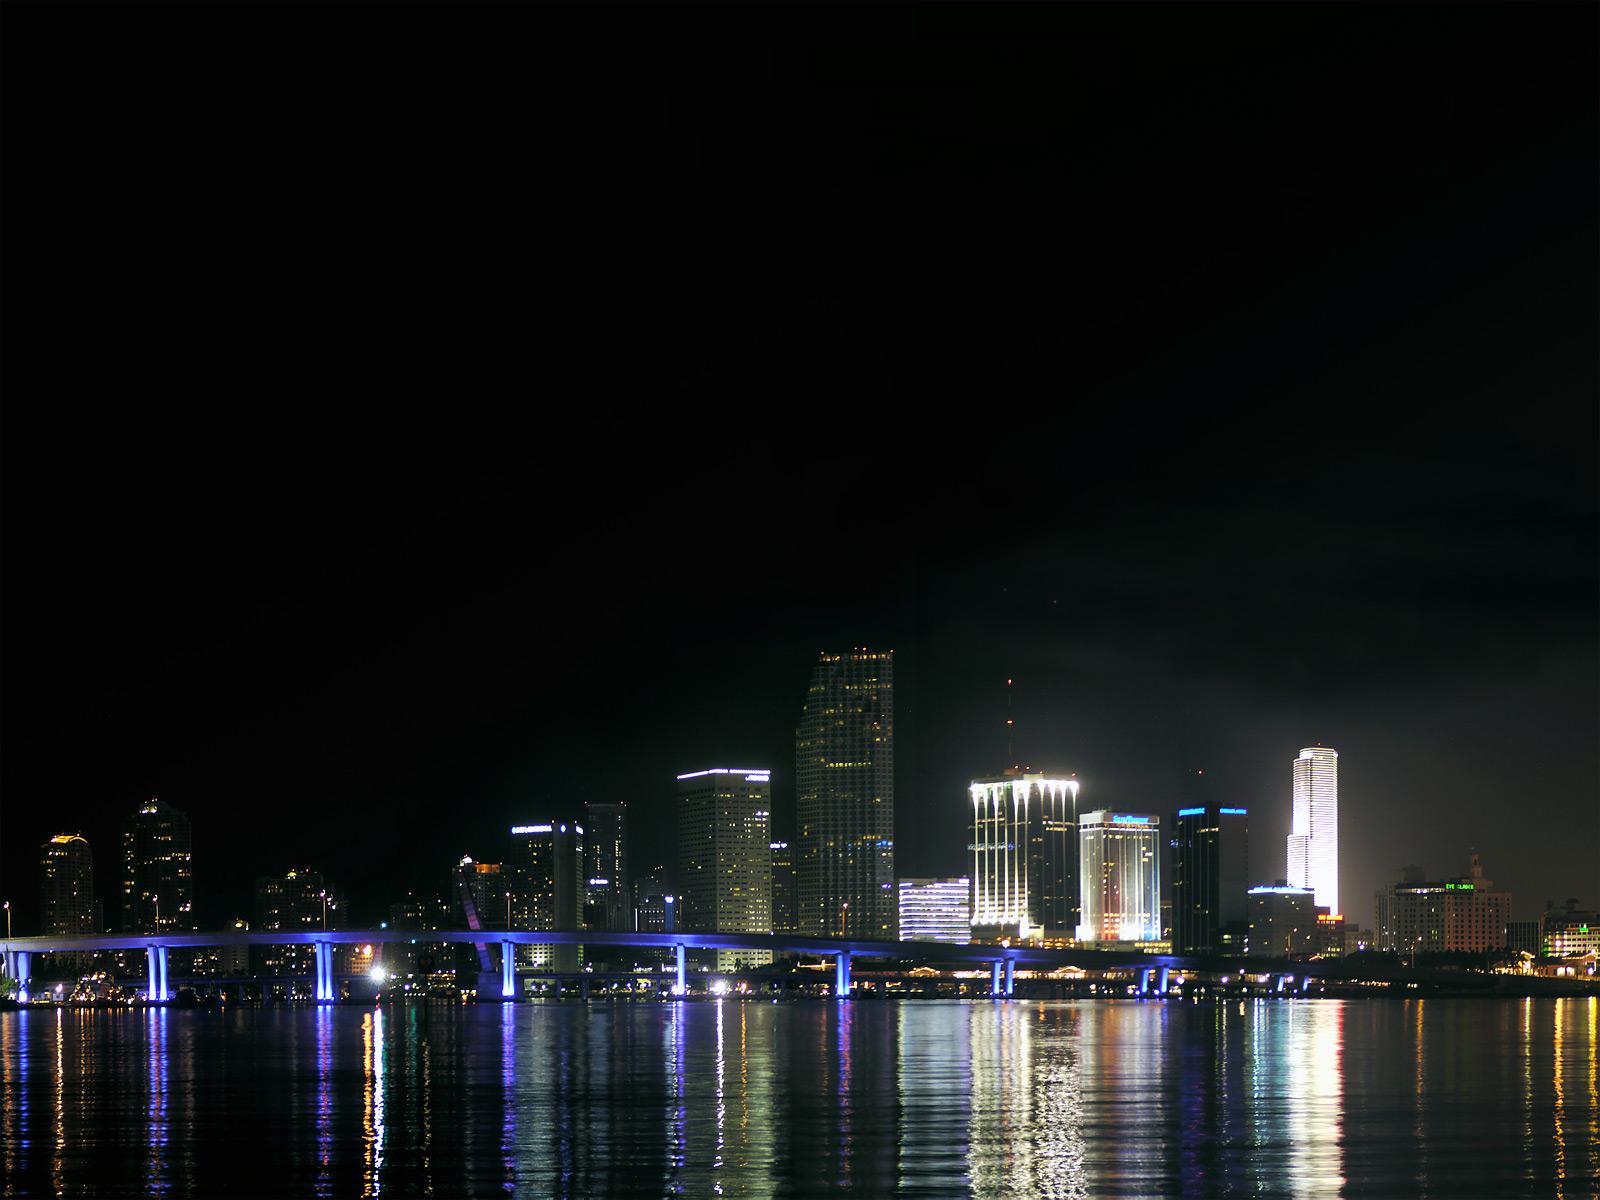 Downtown miami at night, miami city, florida